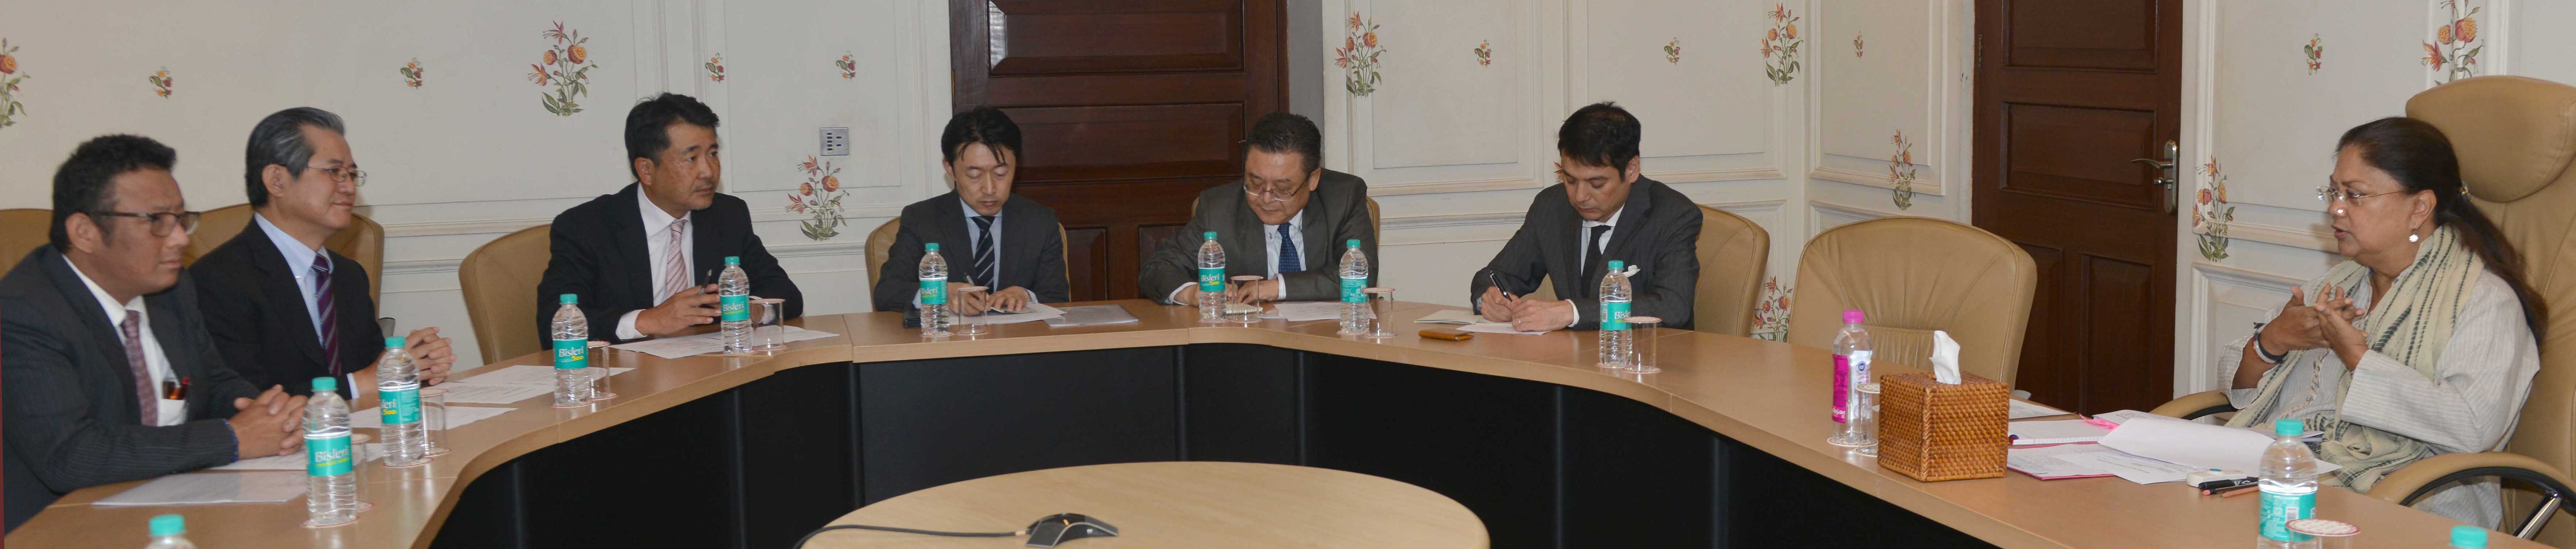 Partnership, Japan, Vasundhara Raje, Million, Investment, Rajasthan